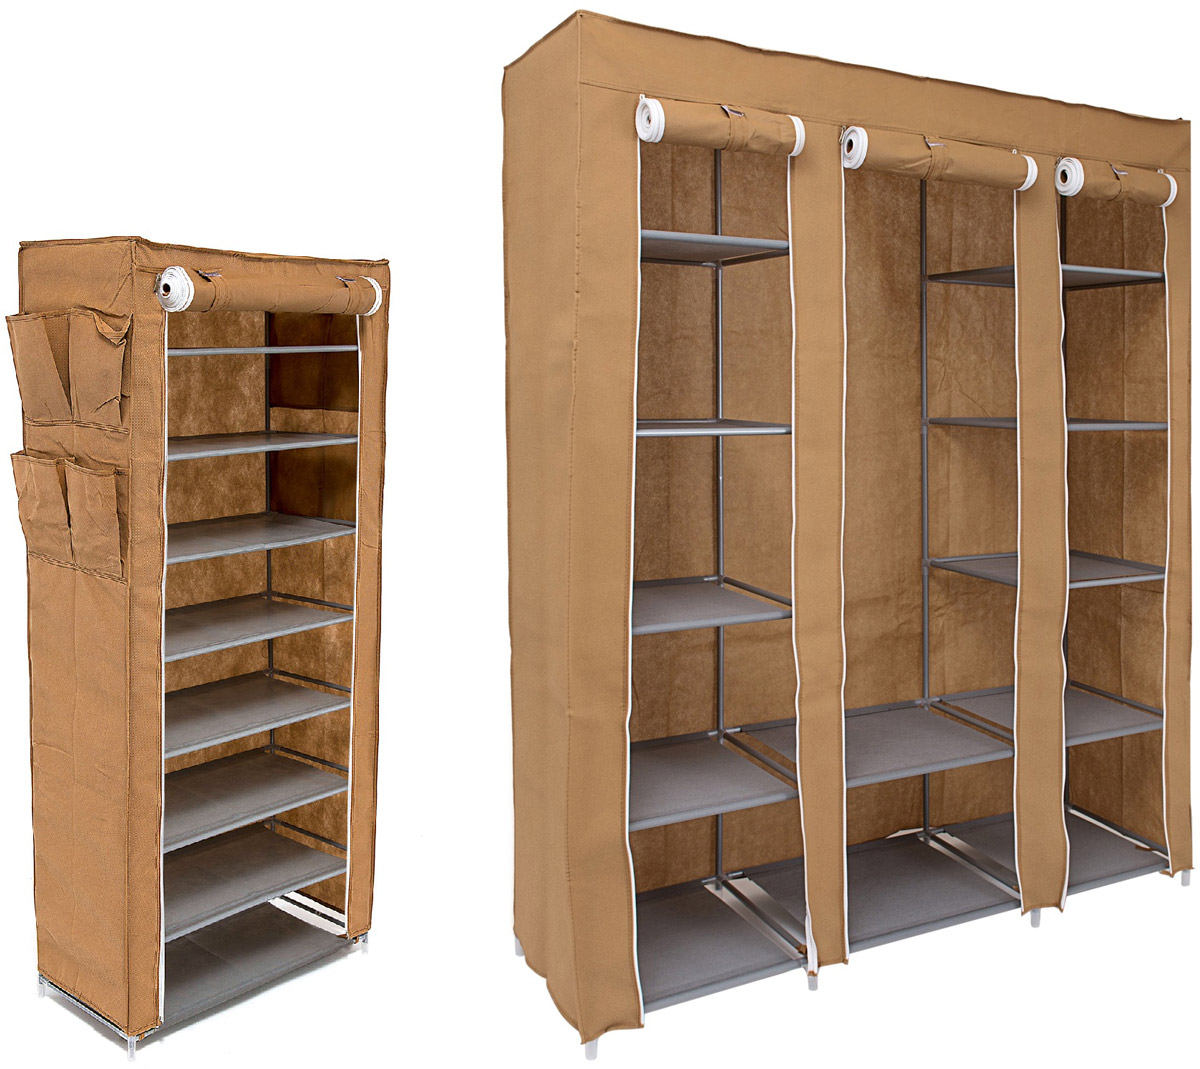 Набор кофров для хранения Homsu Классический, 2 штPARIS 75015-8C ANTIQUEУникальный дизайн этого комплекта станет настоящим украшением для любого интерьера. Практичная составляющая подобной мебели также вне сомнений. Лёгкие и прочные устойчивые конструкции из каркасов и тканевой обивки могут быть легко собраны вами без посторонней помощи, буквально за несколько минут. Такая мебель будет всегда удобной и максимально практичной, ведь верхнюю тканевую часть при надобности можно всегда постирать либо же попросту поменять на аналогичную другого цвета. Кроме того, такие конструкции всегда будут отличным решением для того, кому по душе мобильность и постоянная смена обстановки. 1350х450х1750; 600х300х1360